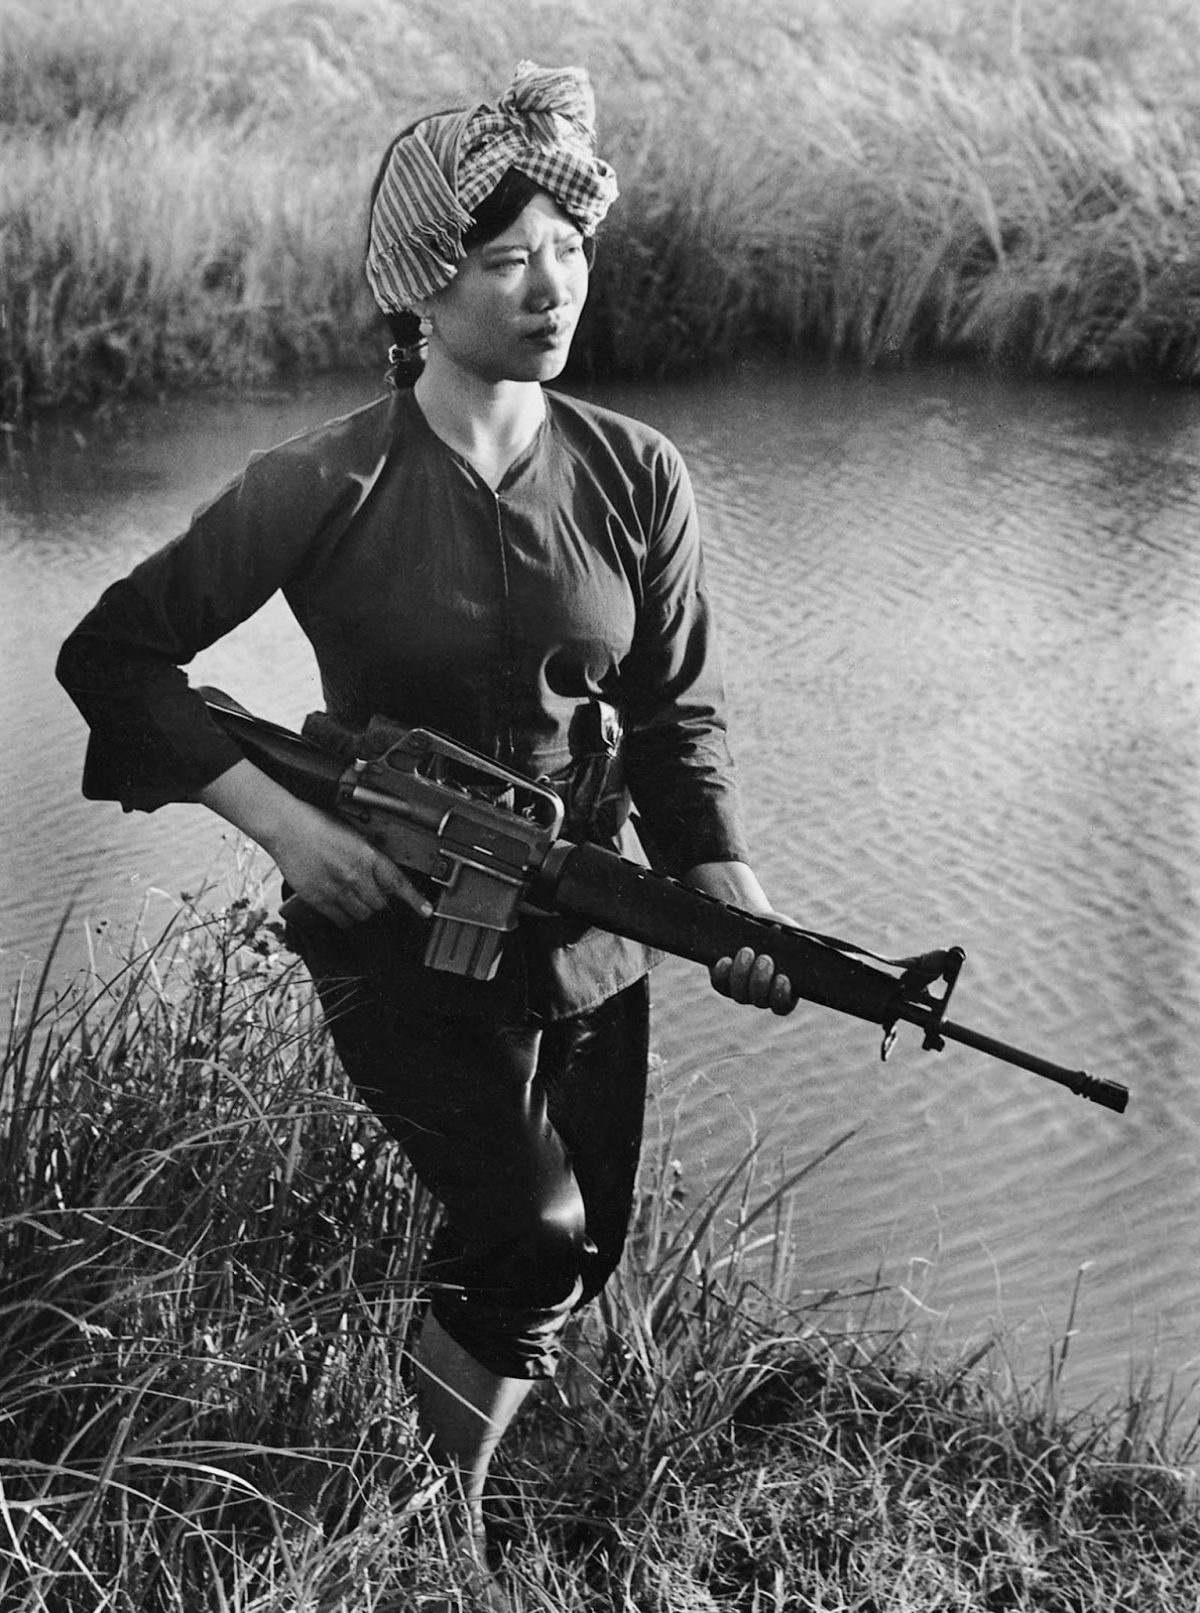 Nữ du kích cách mạng Lâm Thị Đẹp ở Sóc Trăng năm 1972. Ảnh: Minh Trường (đăng trên websiteTumblr).